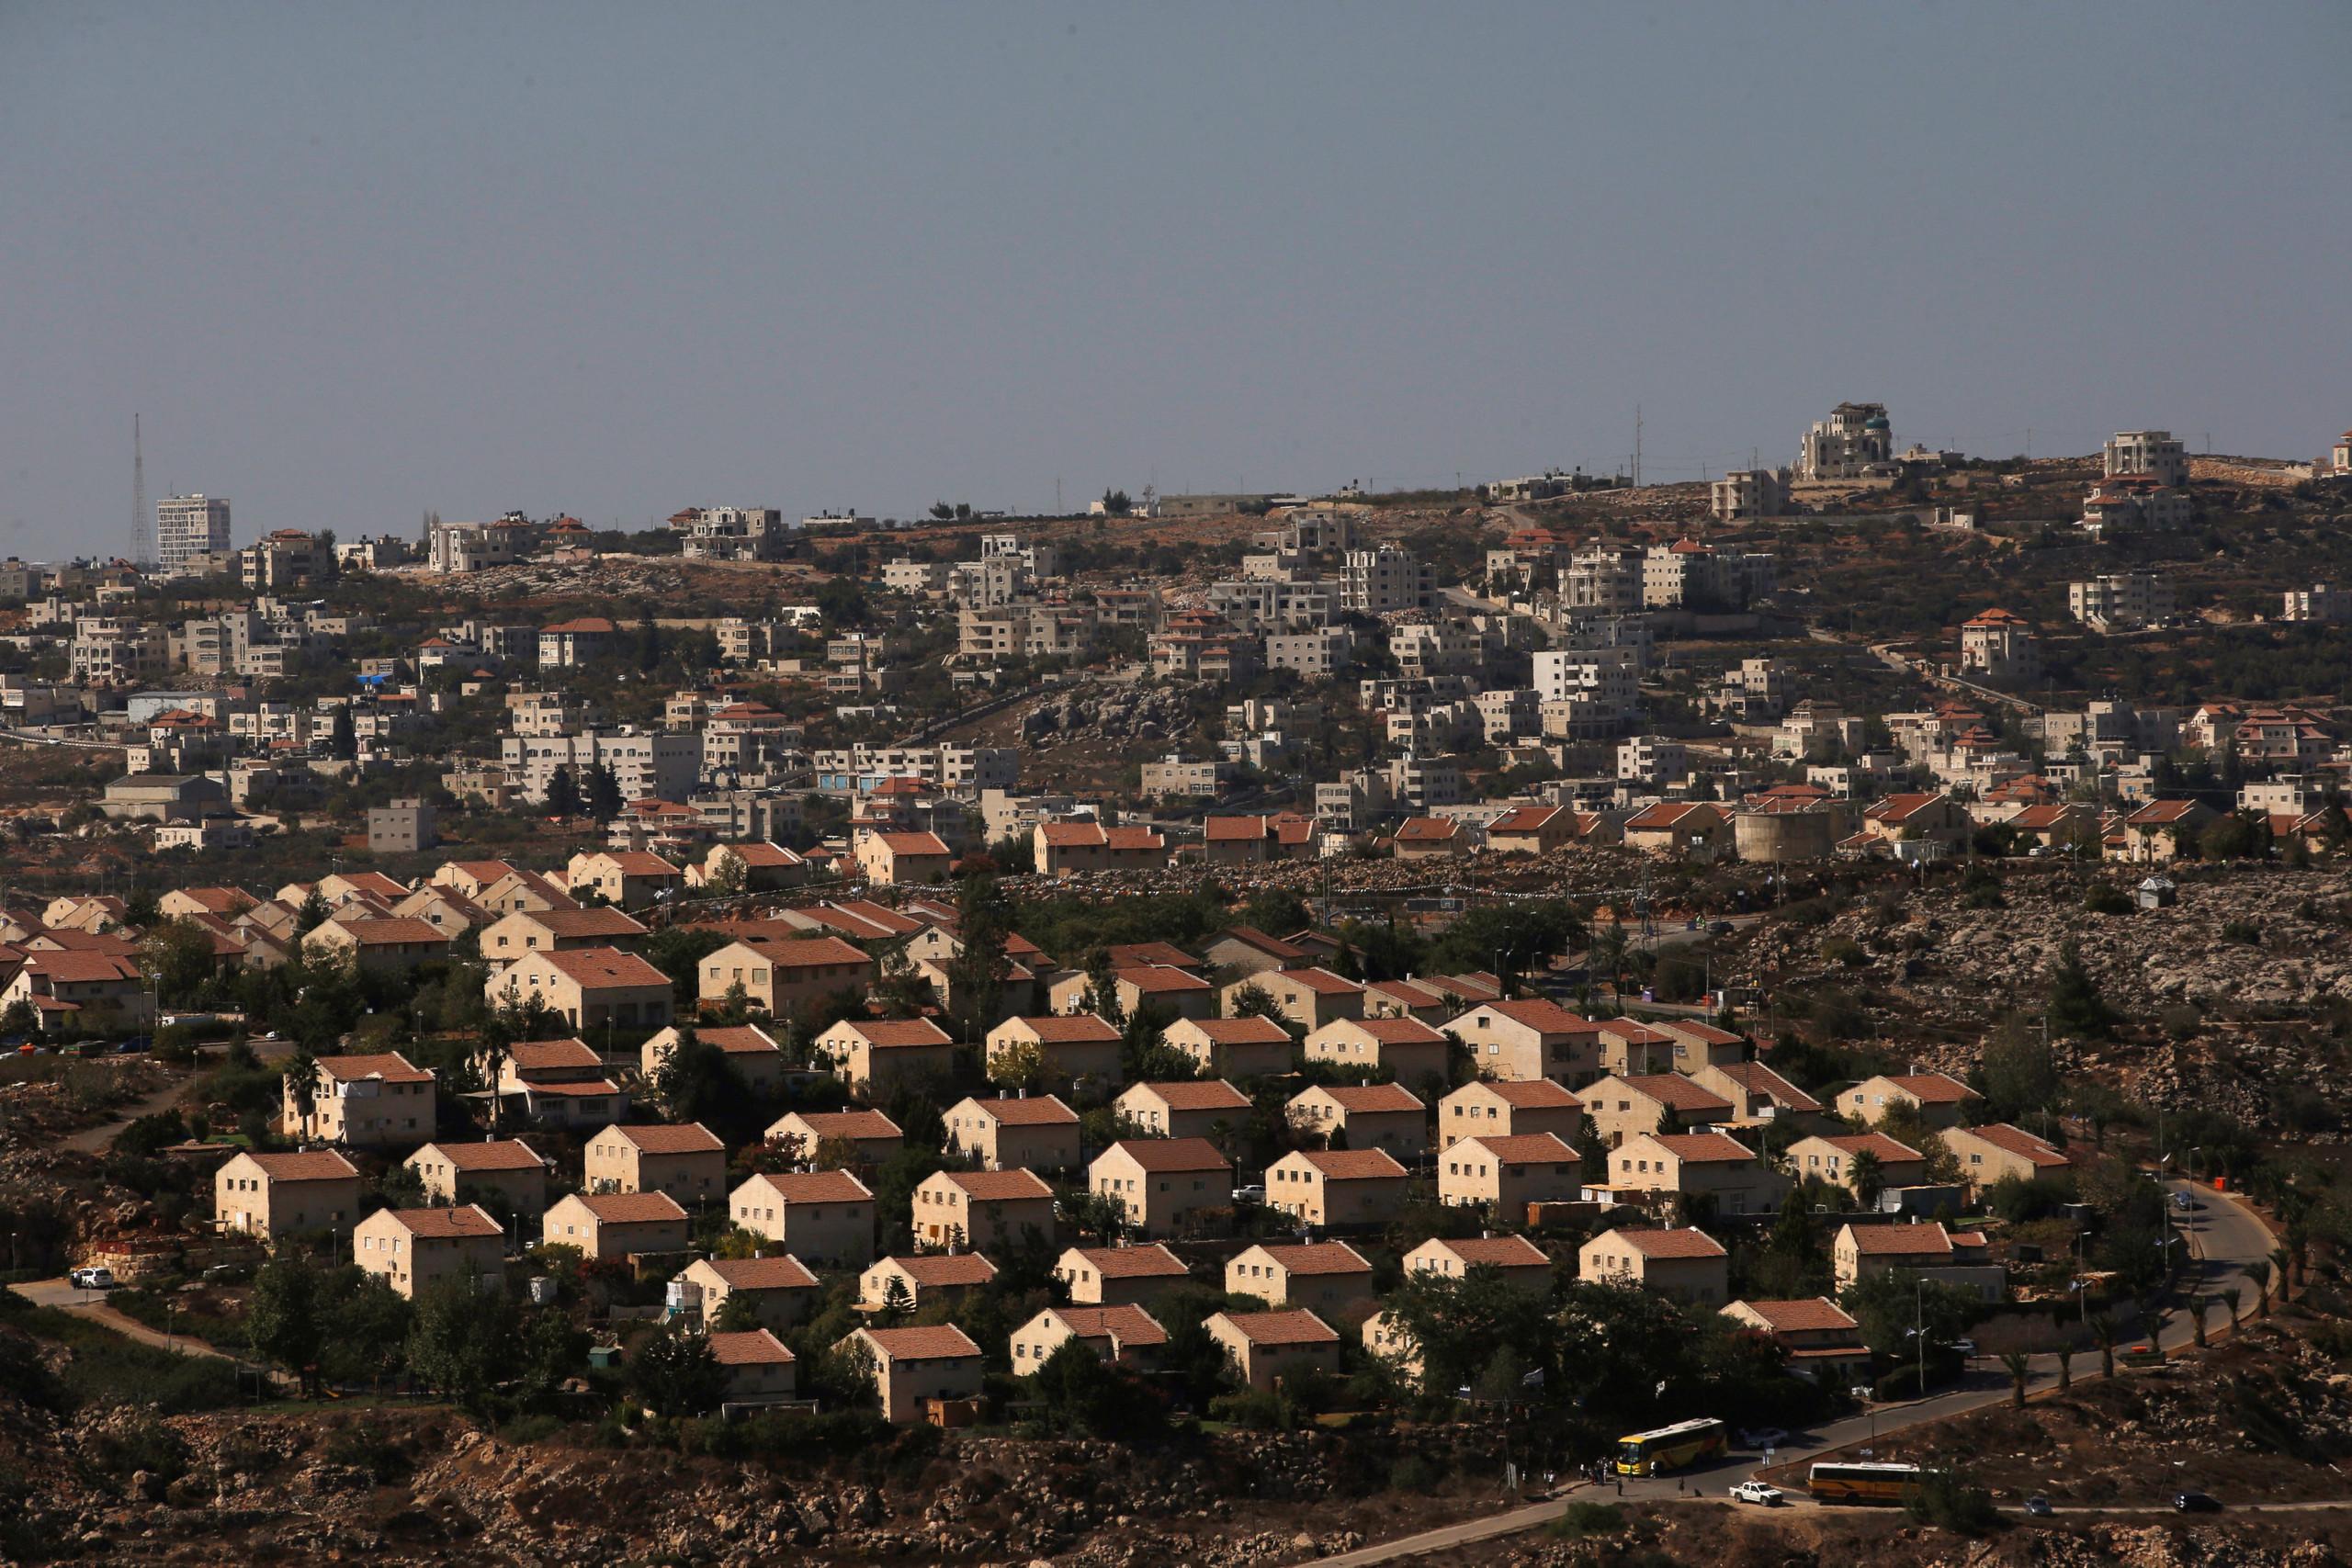 الأراضي الفلسطينية: إسرائيل صعّدت سياسات الفصل العنصري واحتجزت 601 فلسطينيًا منذ قرار ترمب